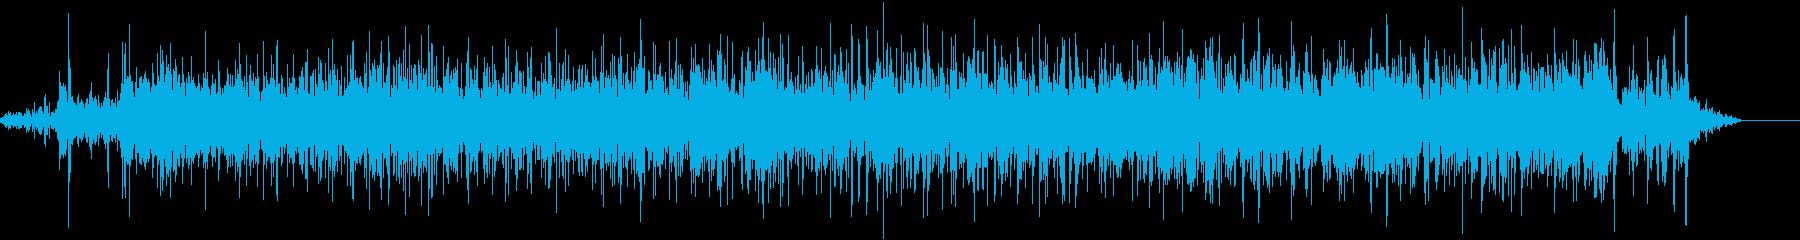 「ジャーー」水道の音です。の再生済みの波形